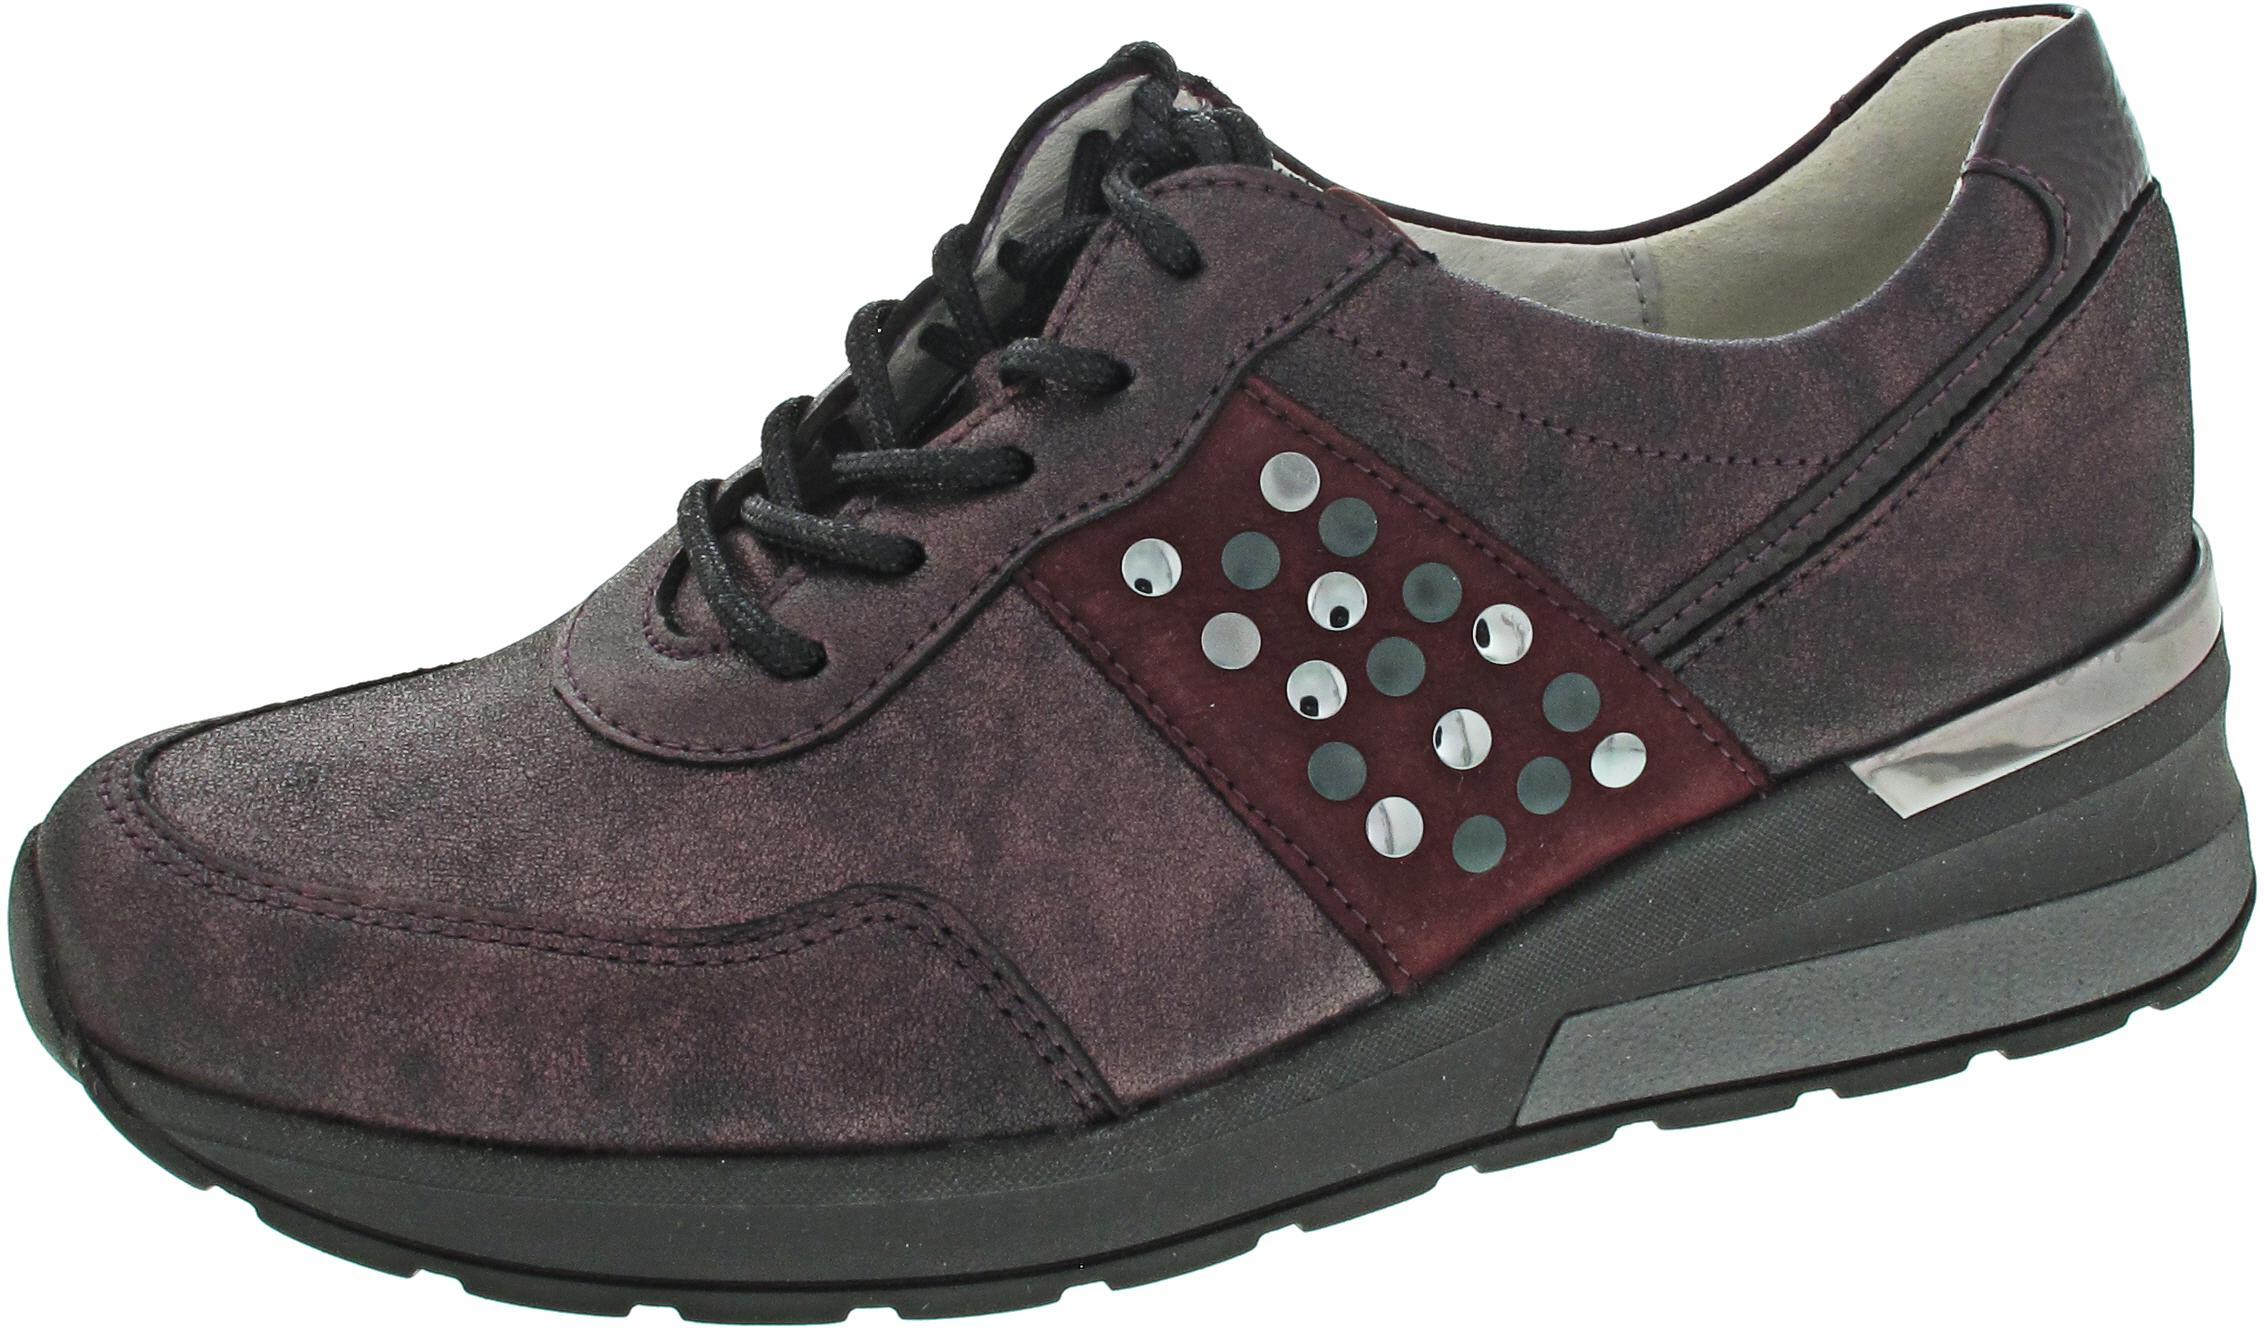 Waldläufer Schuhe: Direkt online bestellen